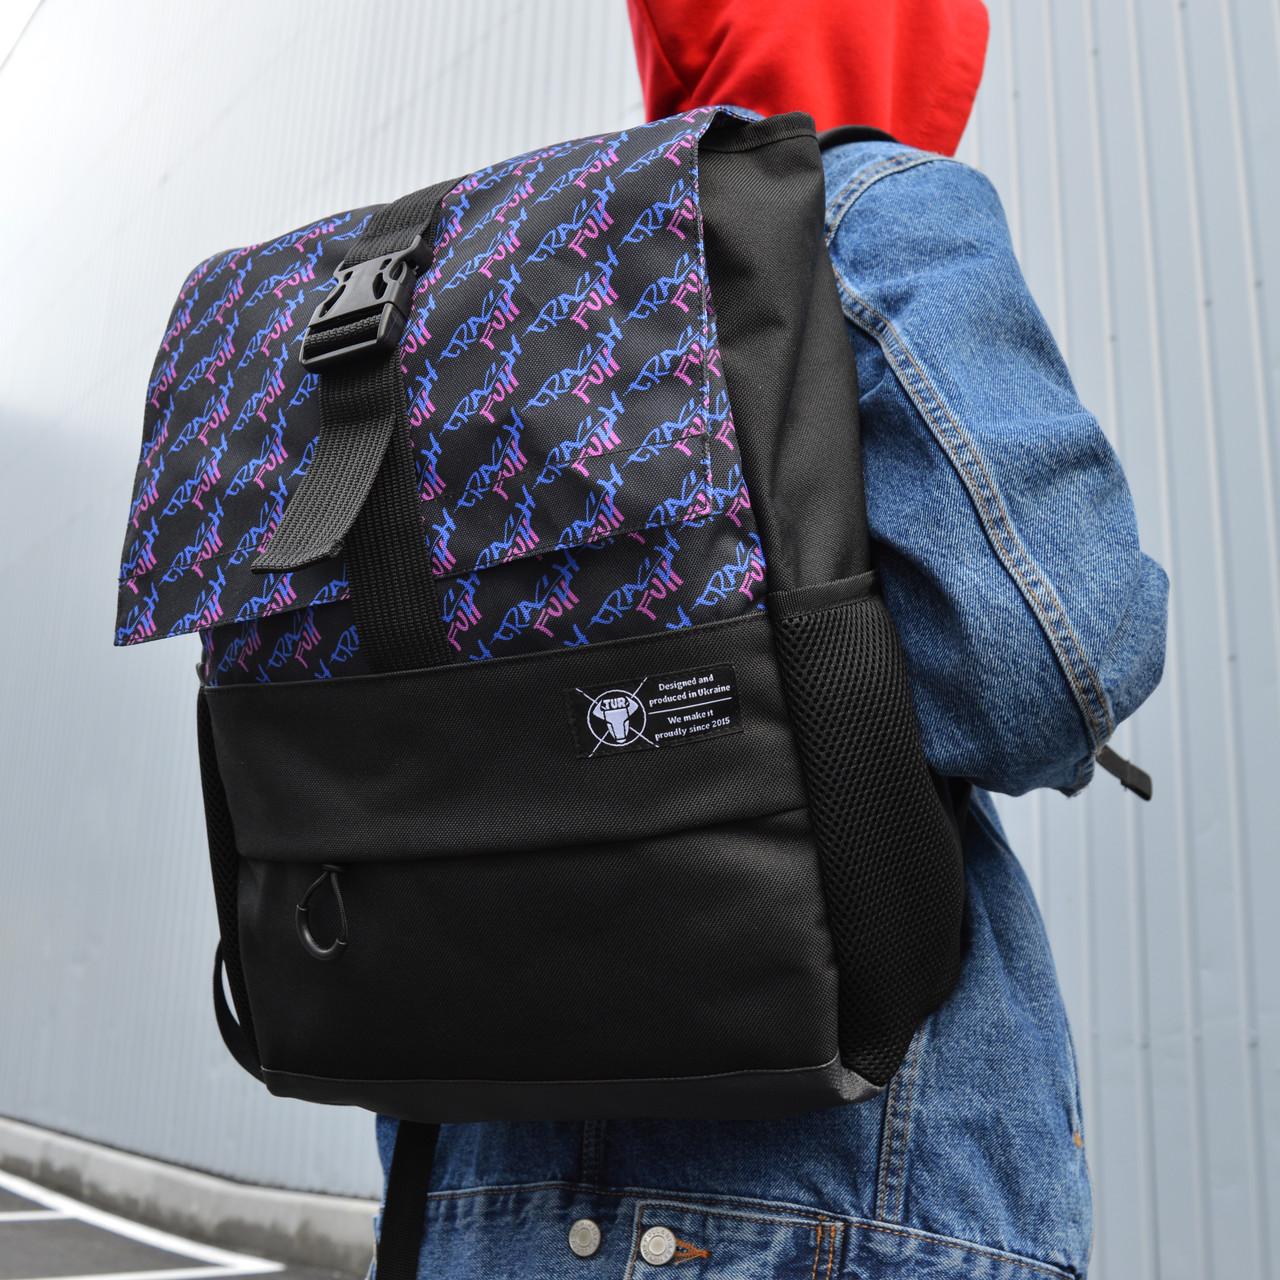 Рюкзак с принтом  бренд ТУР модель Piligrim